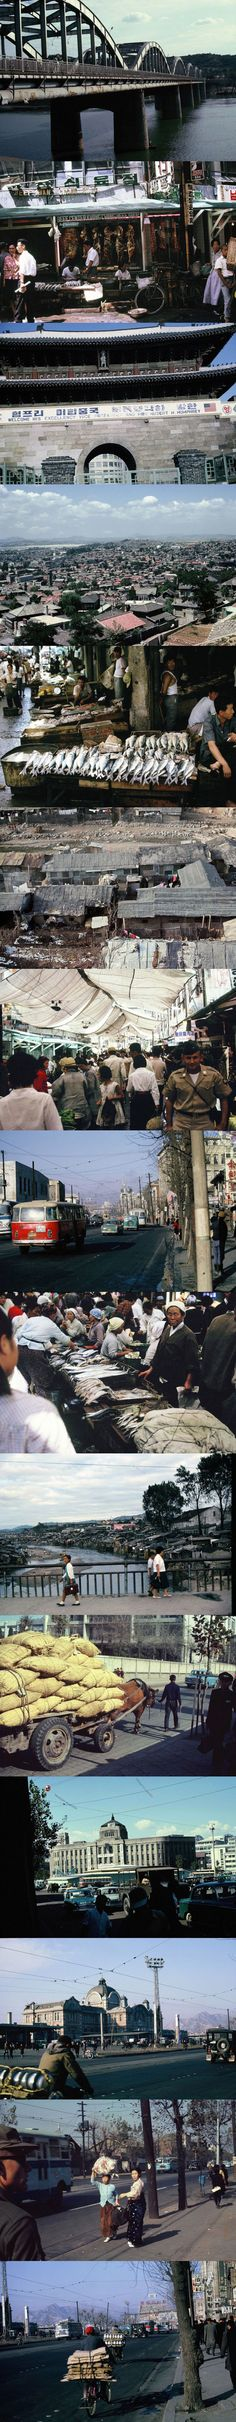 1966년 서울의 모습 Seoul in 1966 Old Pictures, Old Photos, Vintage Photos, Asian Tigers, Cities In Korea, Korean Wave, Korean Traditional, Background Pictures, My Land